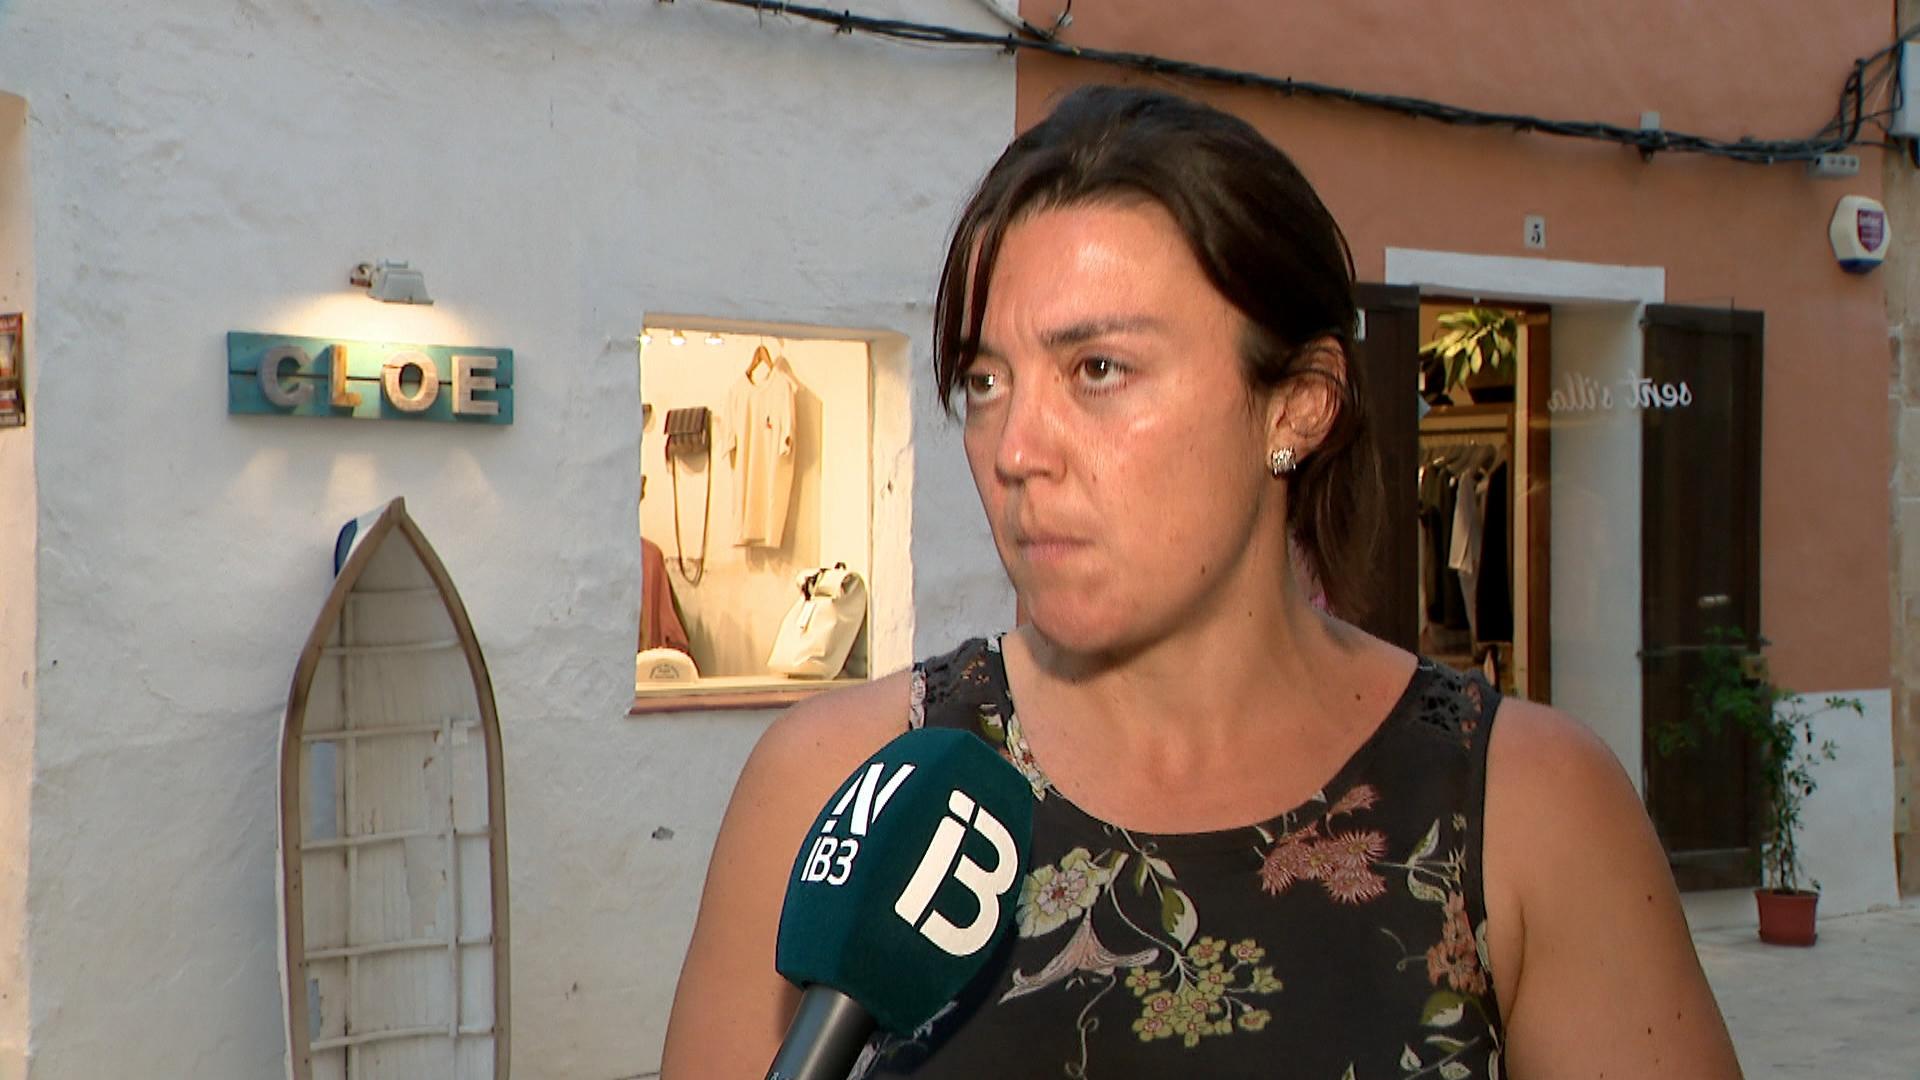 El+govern+de+Ciutadella+demana+al+PP+que+rectifiqui+per+les+acusacions+sobre+l%26apos%3Bescorxador